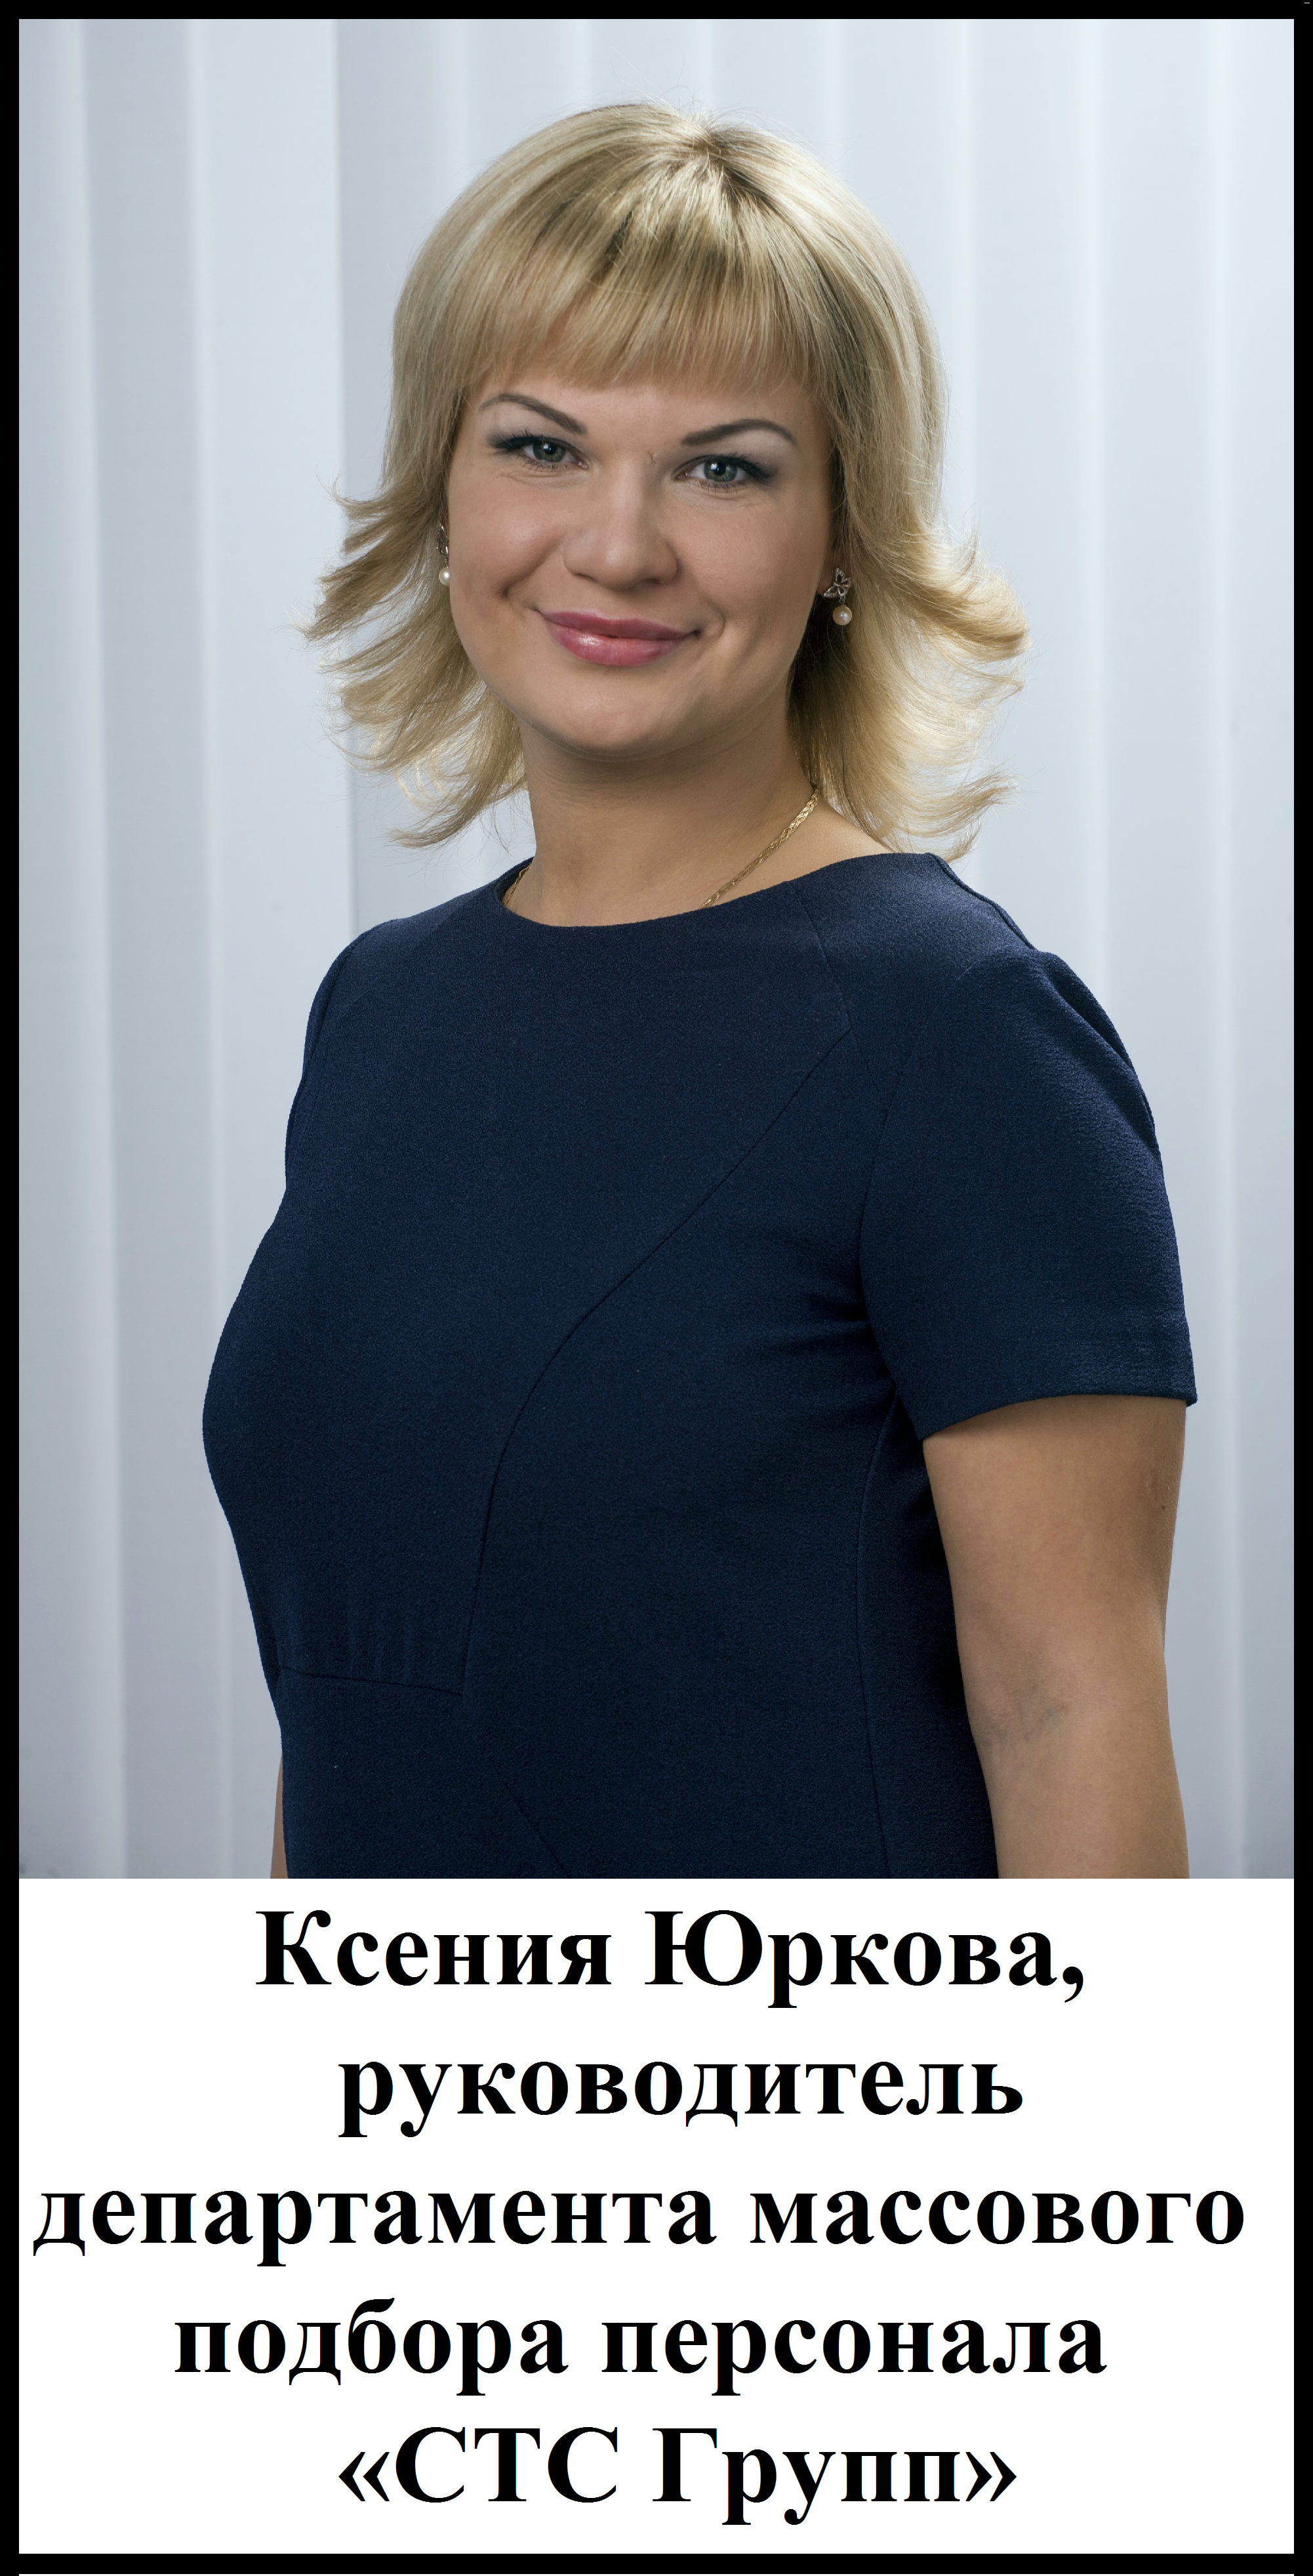 Ксения Юркова, руководитель департамента массового подбора персонала «СТС Групп»